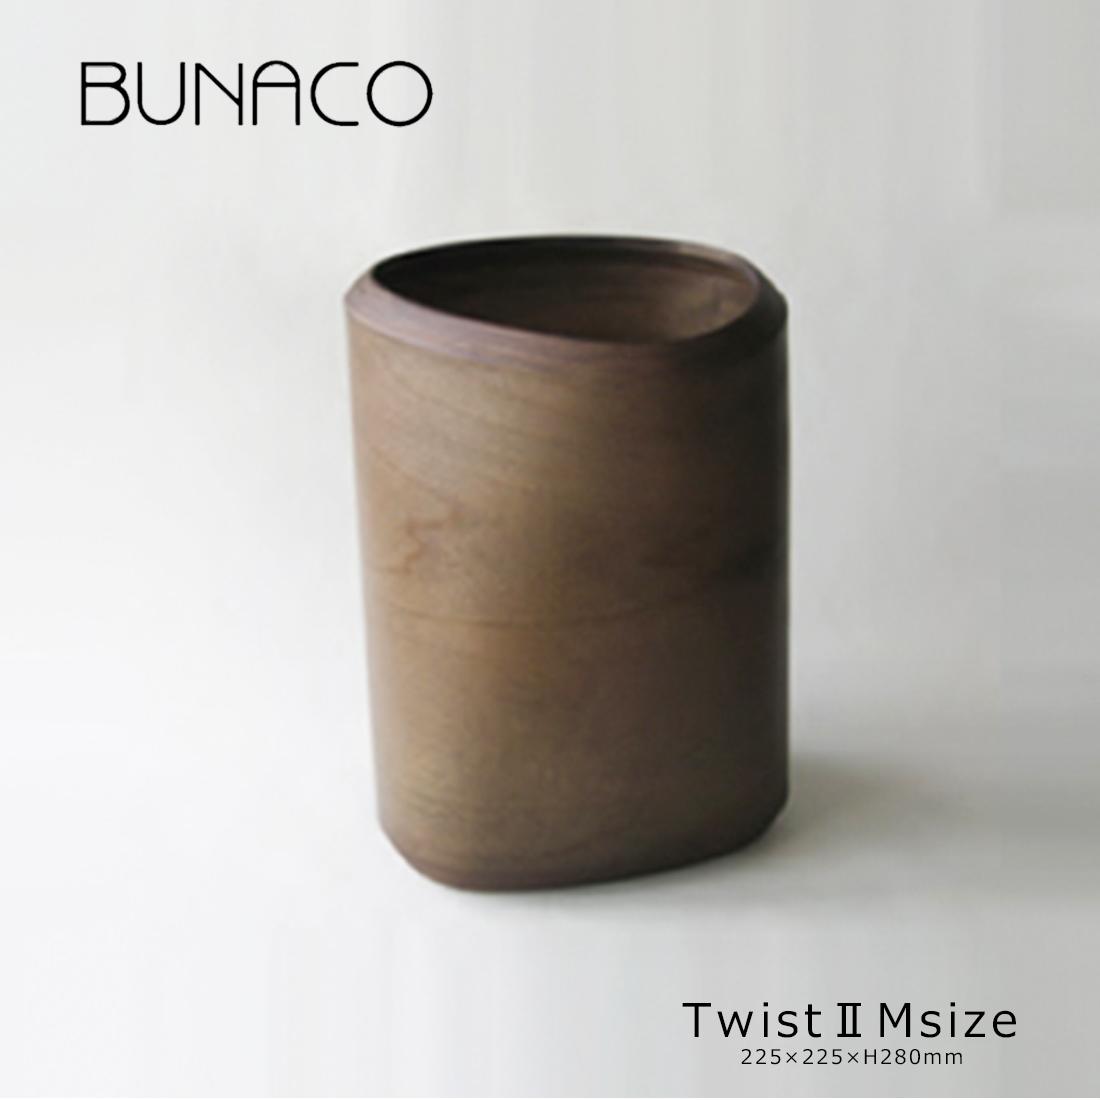 【BUNACO/ブナコ】 Dust Box Twist2《Size M》ダストボックス ツイスト /ゴミ箱/日本製/木工品